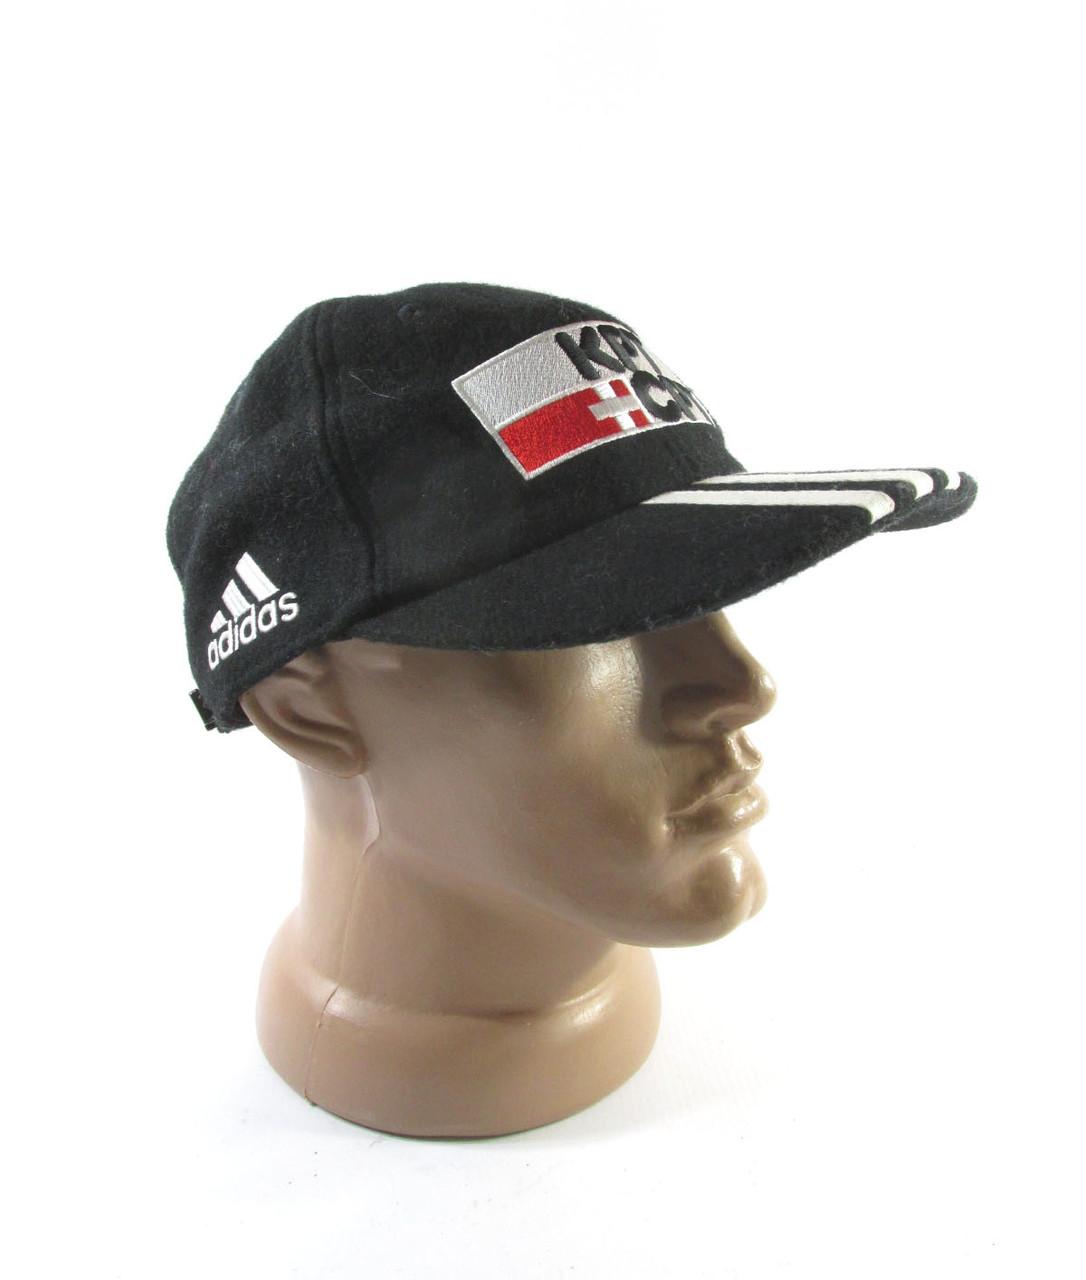 Бейсболка утепленная Adidas, шерсть,56-58 см, Как Новая!